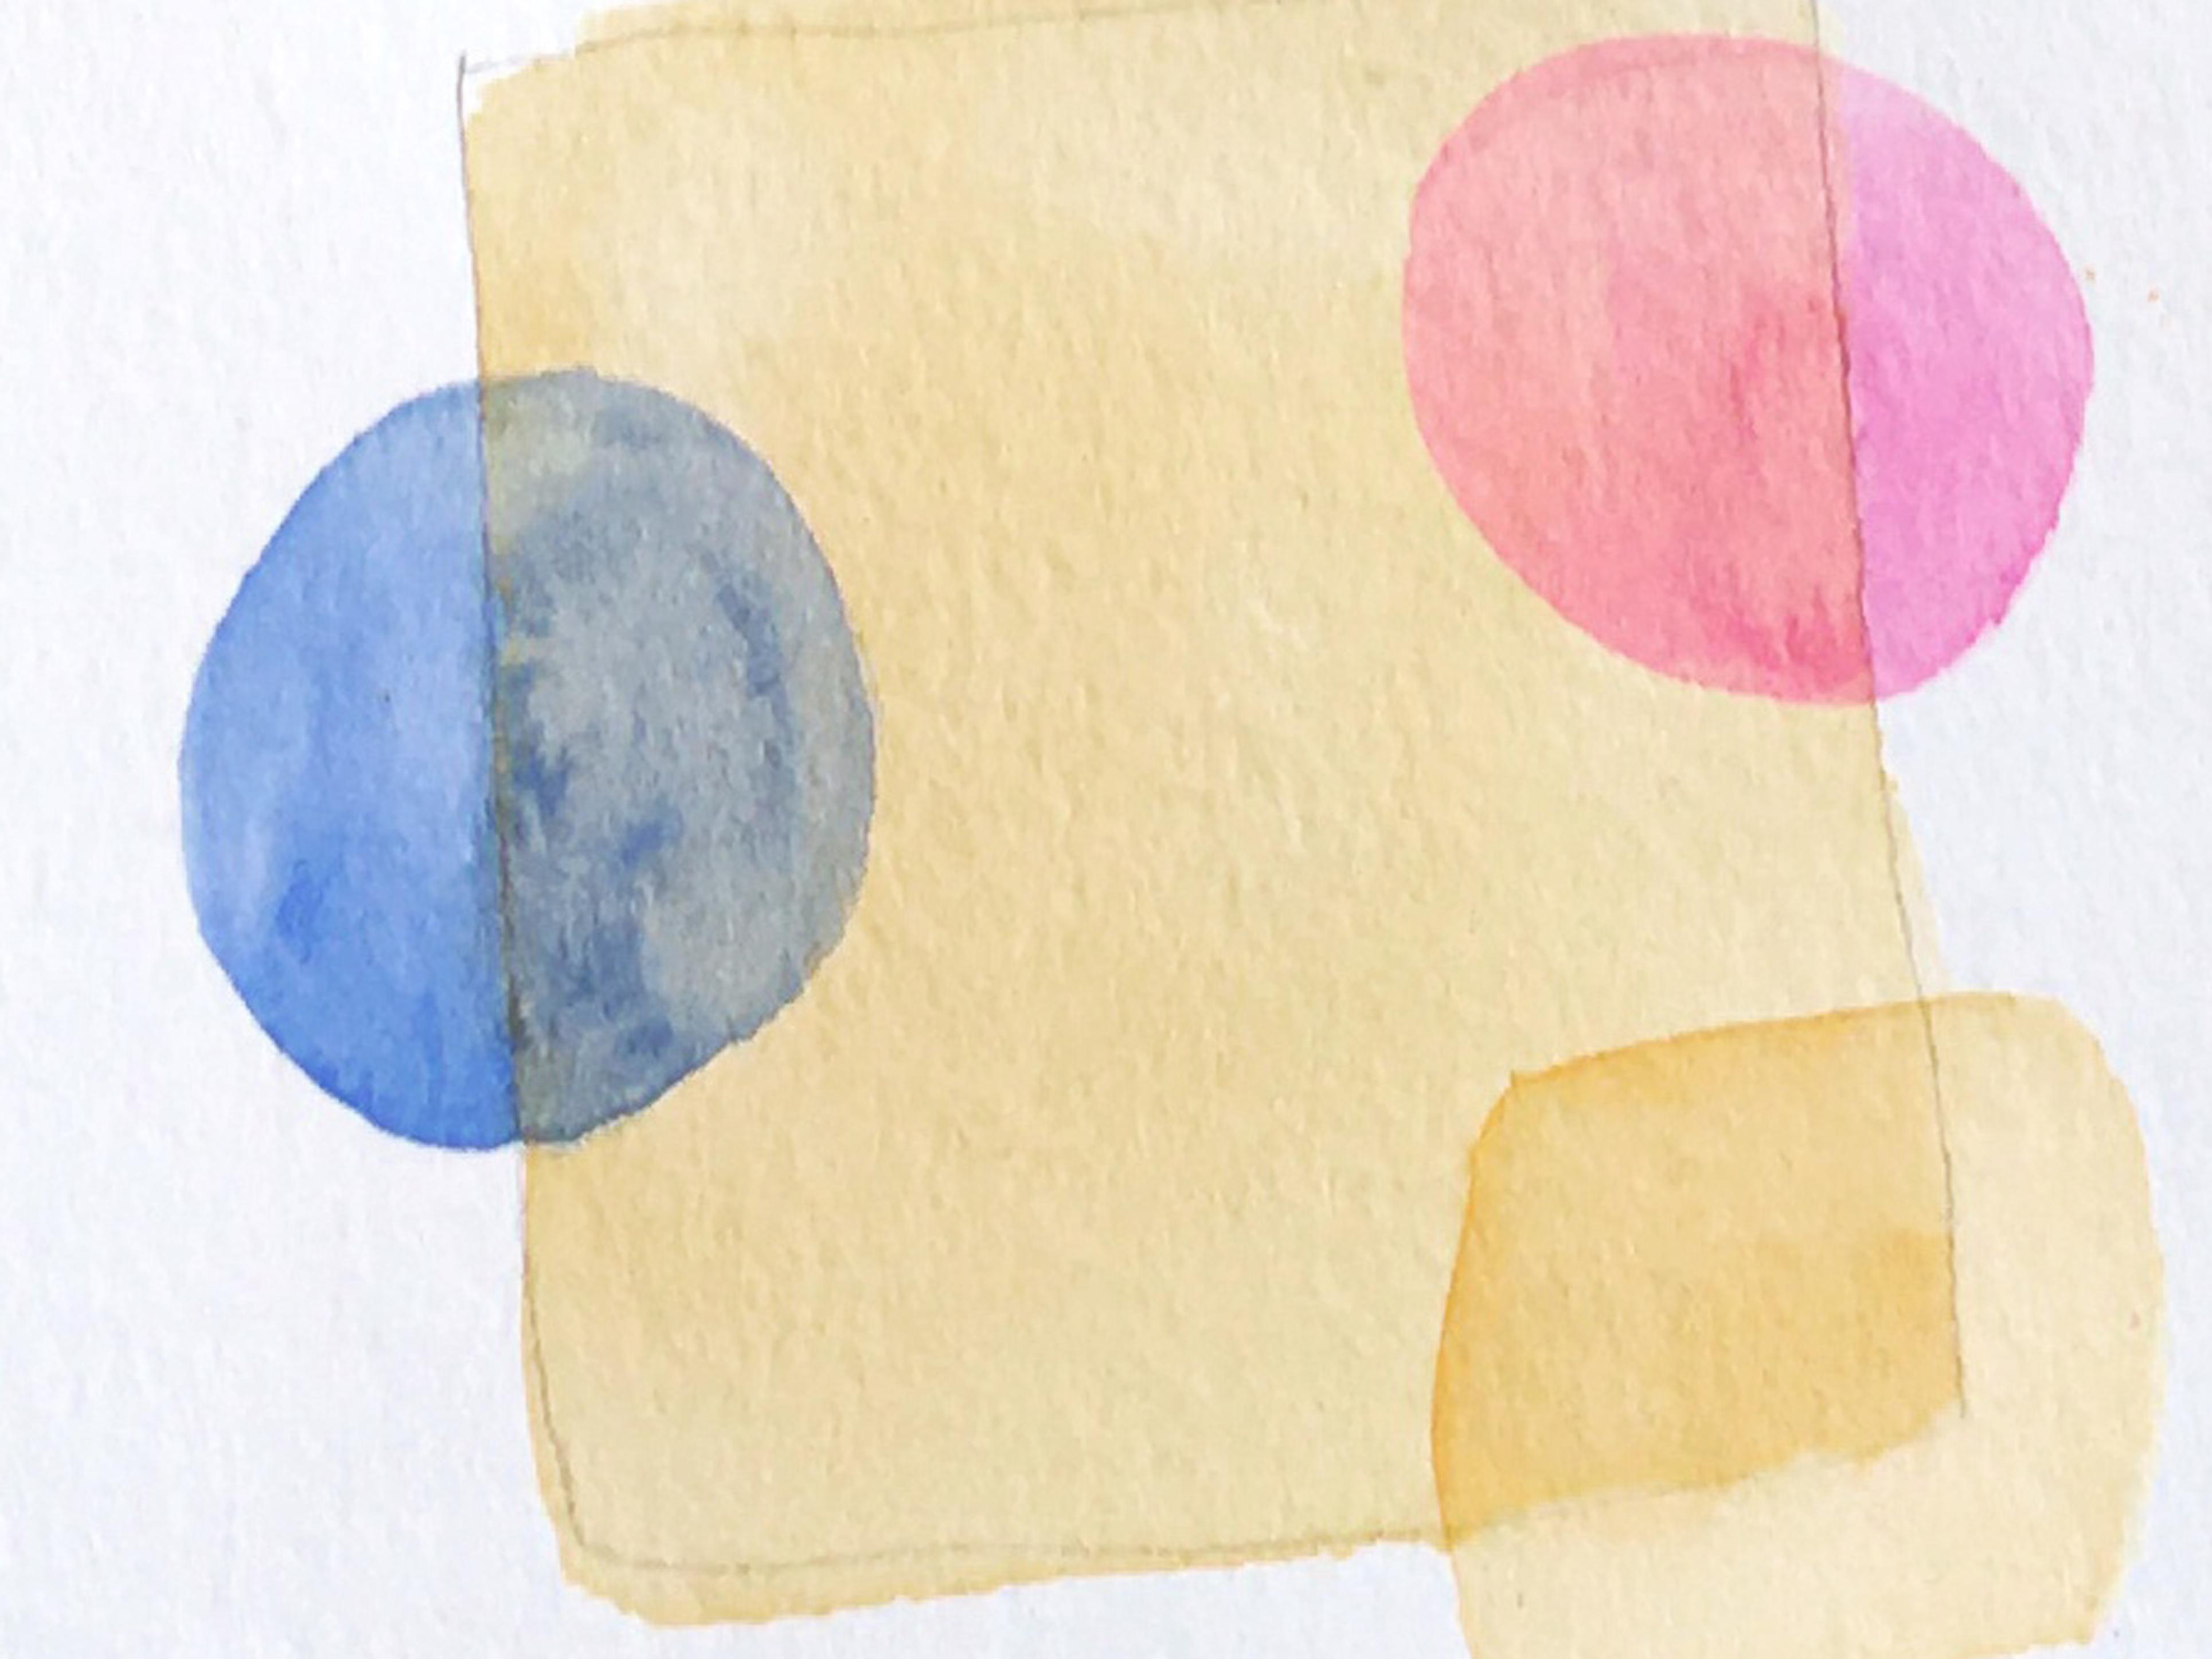 Cuadrado de acuarela naranja claro con formas en rosa y azul que transparentan la figura de abajo.